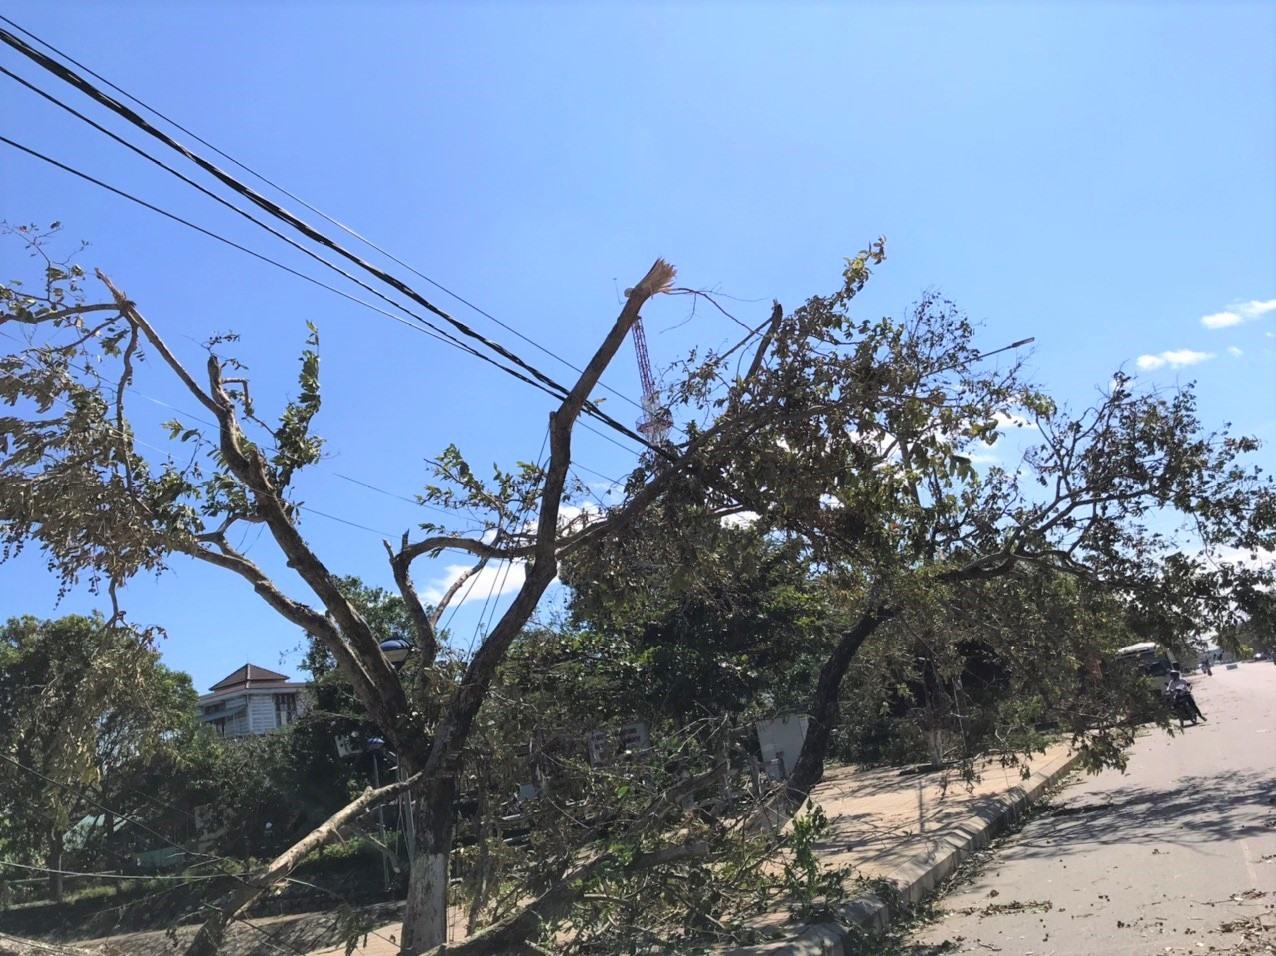 Bão số 9 làm cây cối ngã đổ nhiều nơi gây đứt cáp quang nhiều mạng viễn thông. Ảnh: VINH ANH